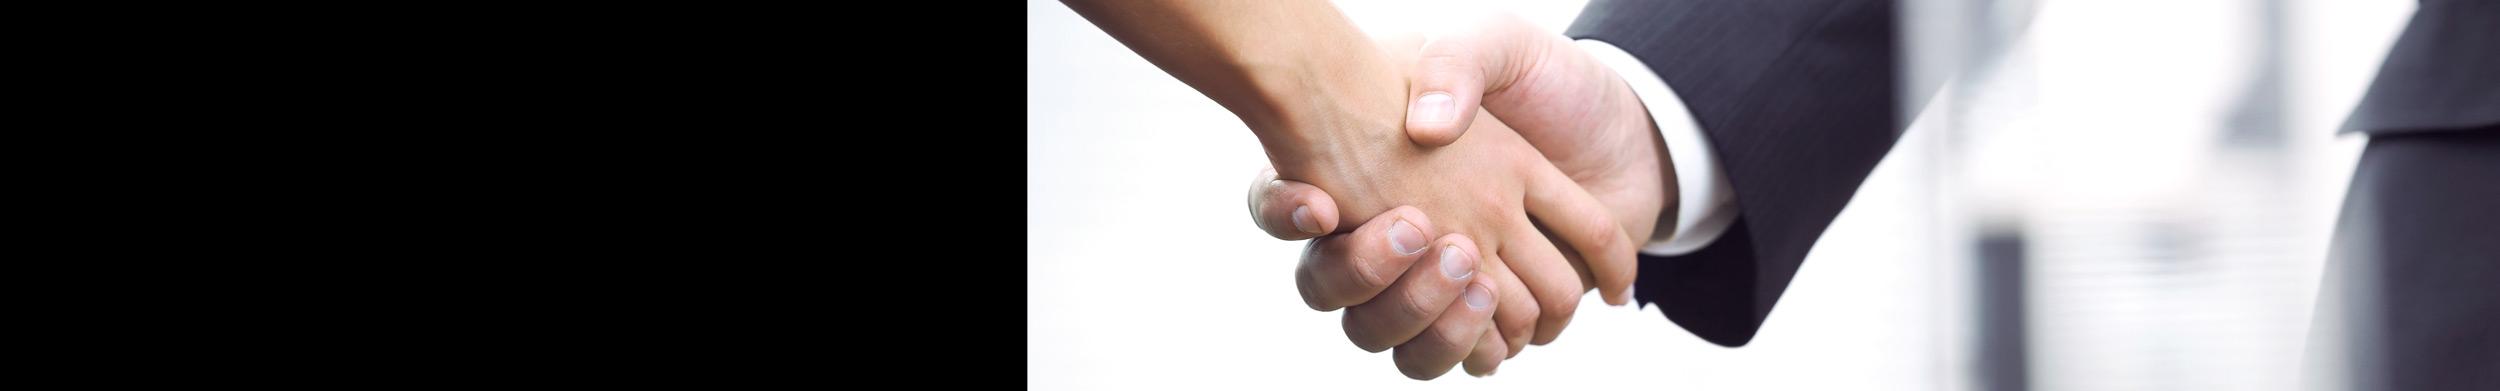 Nun-Overland-Handschlag-Verlaesslichkeit